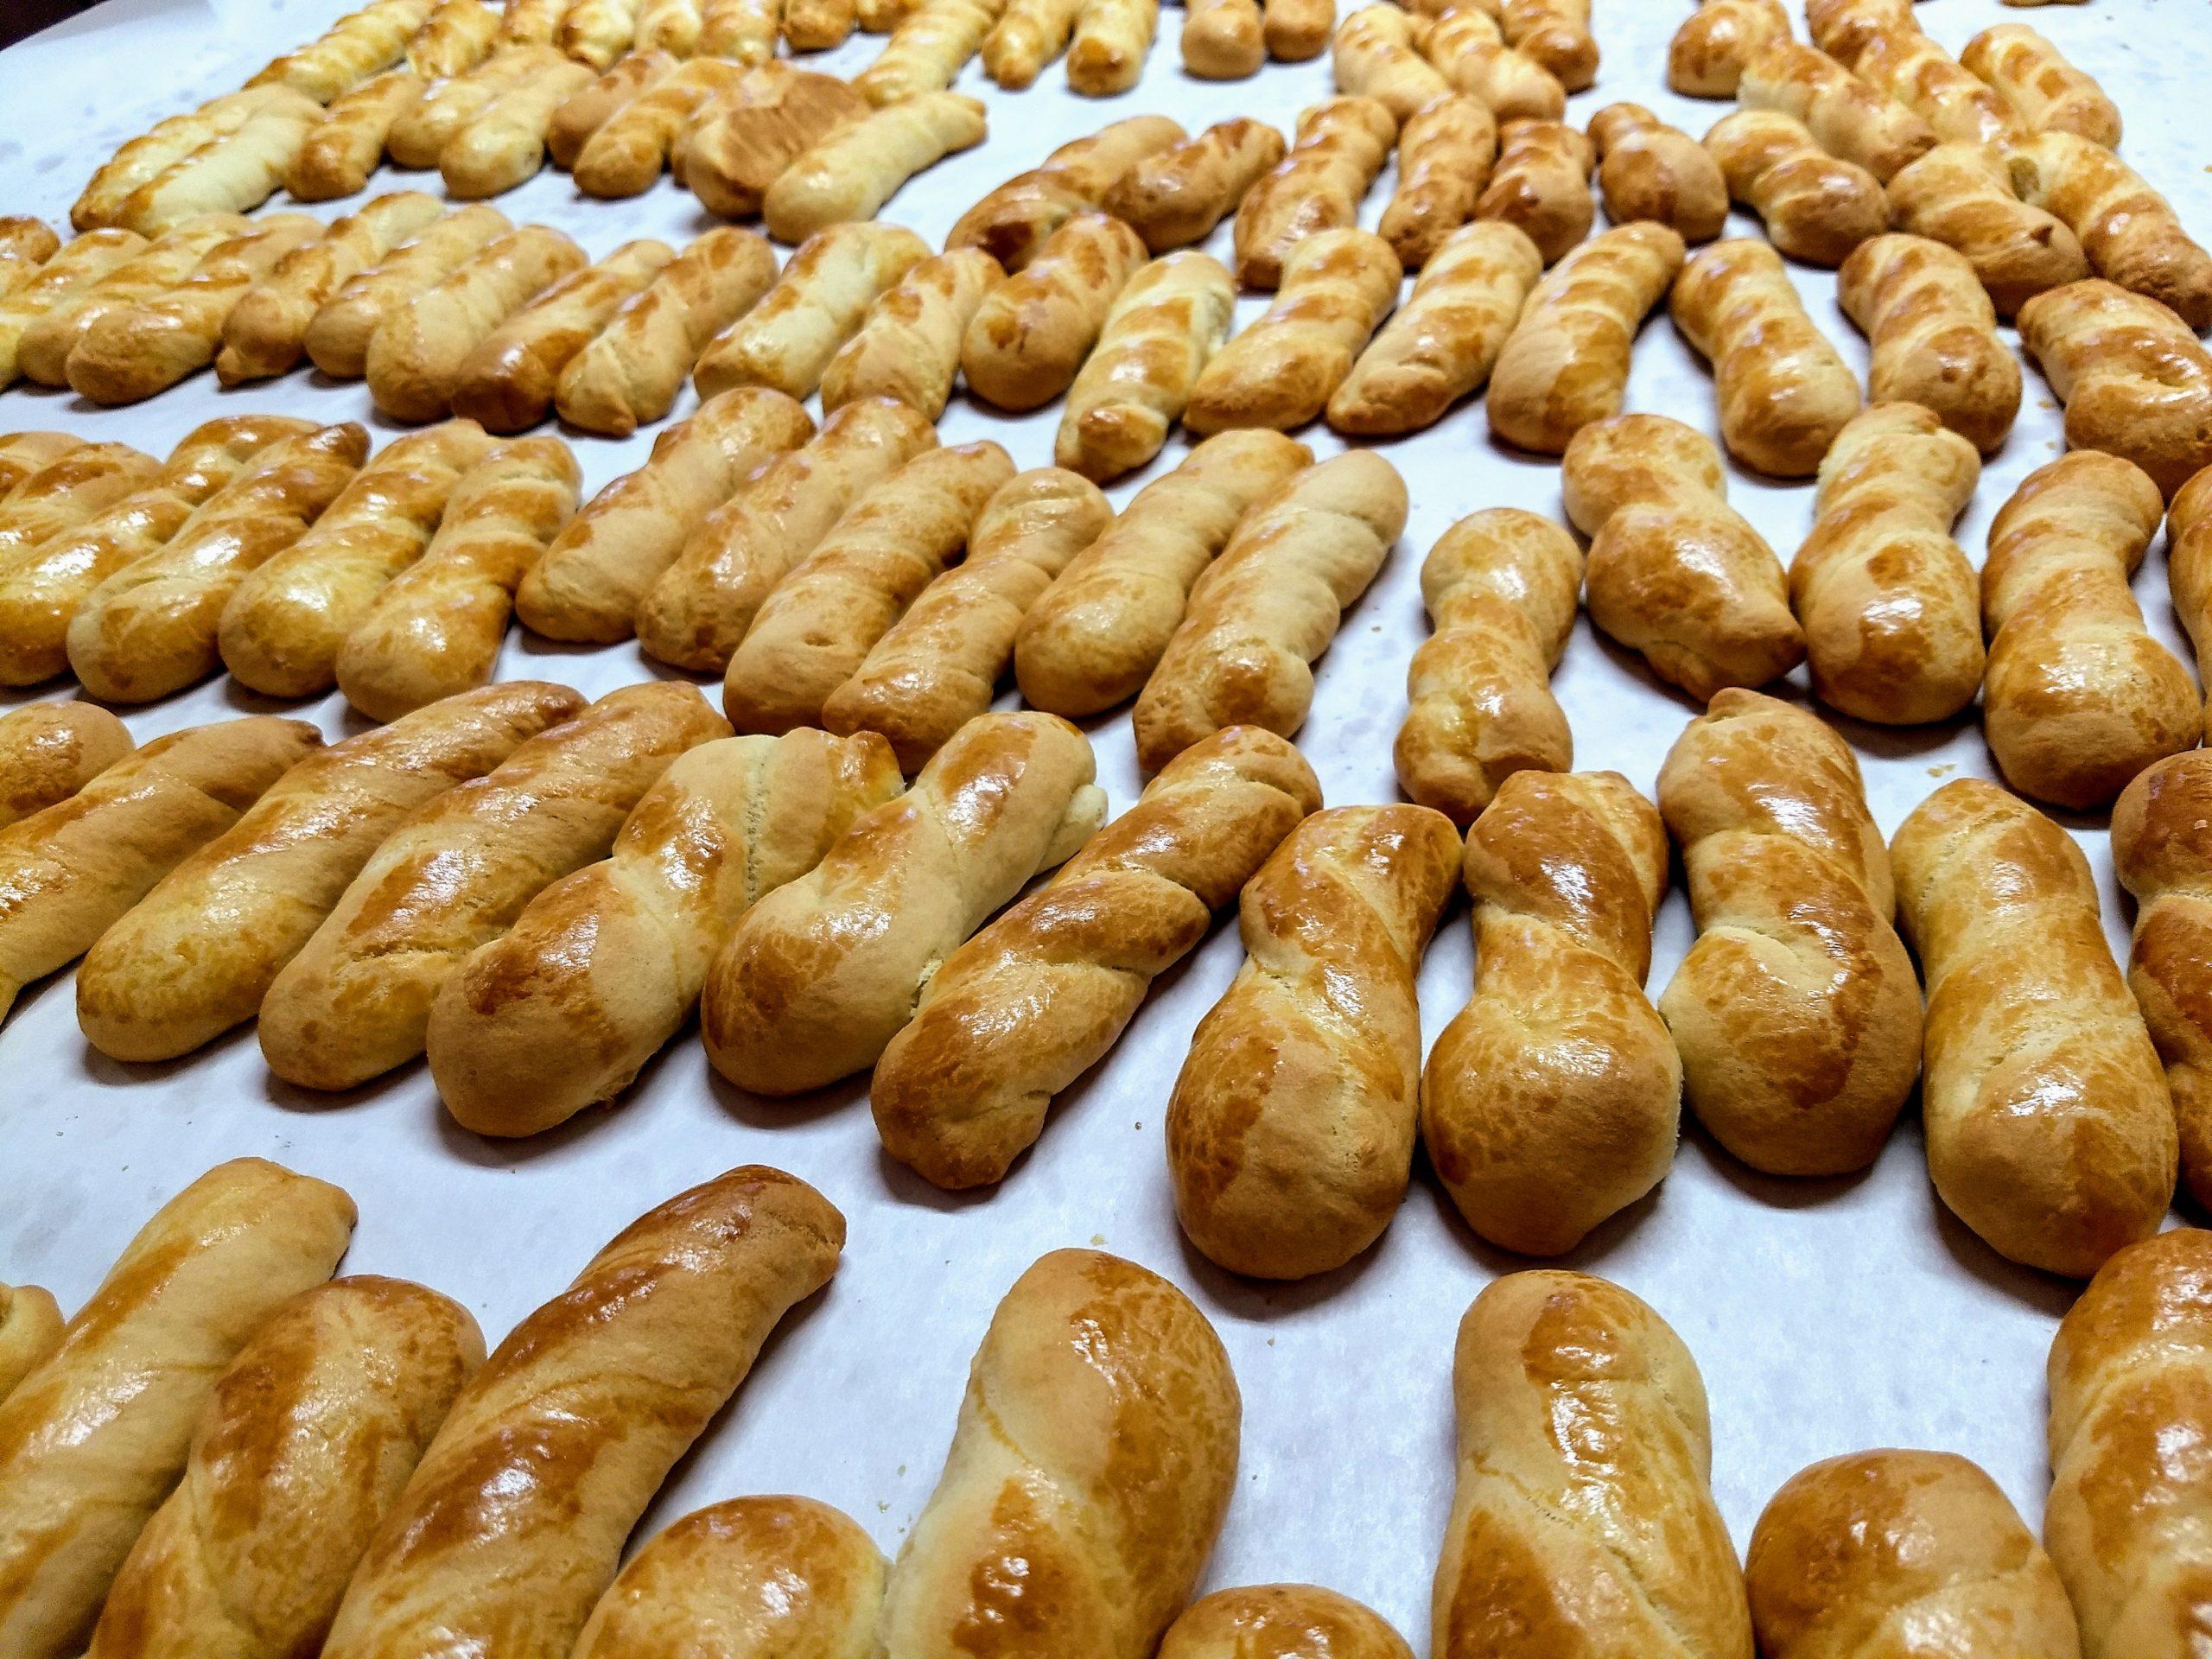 Greek Orthodox Church' Bake Sale is Tomorrow